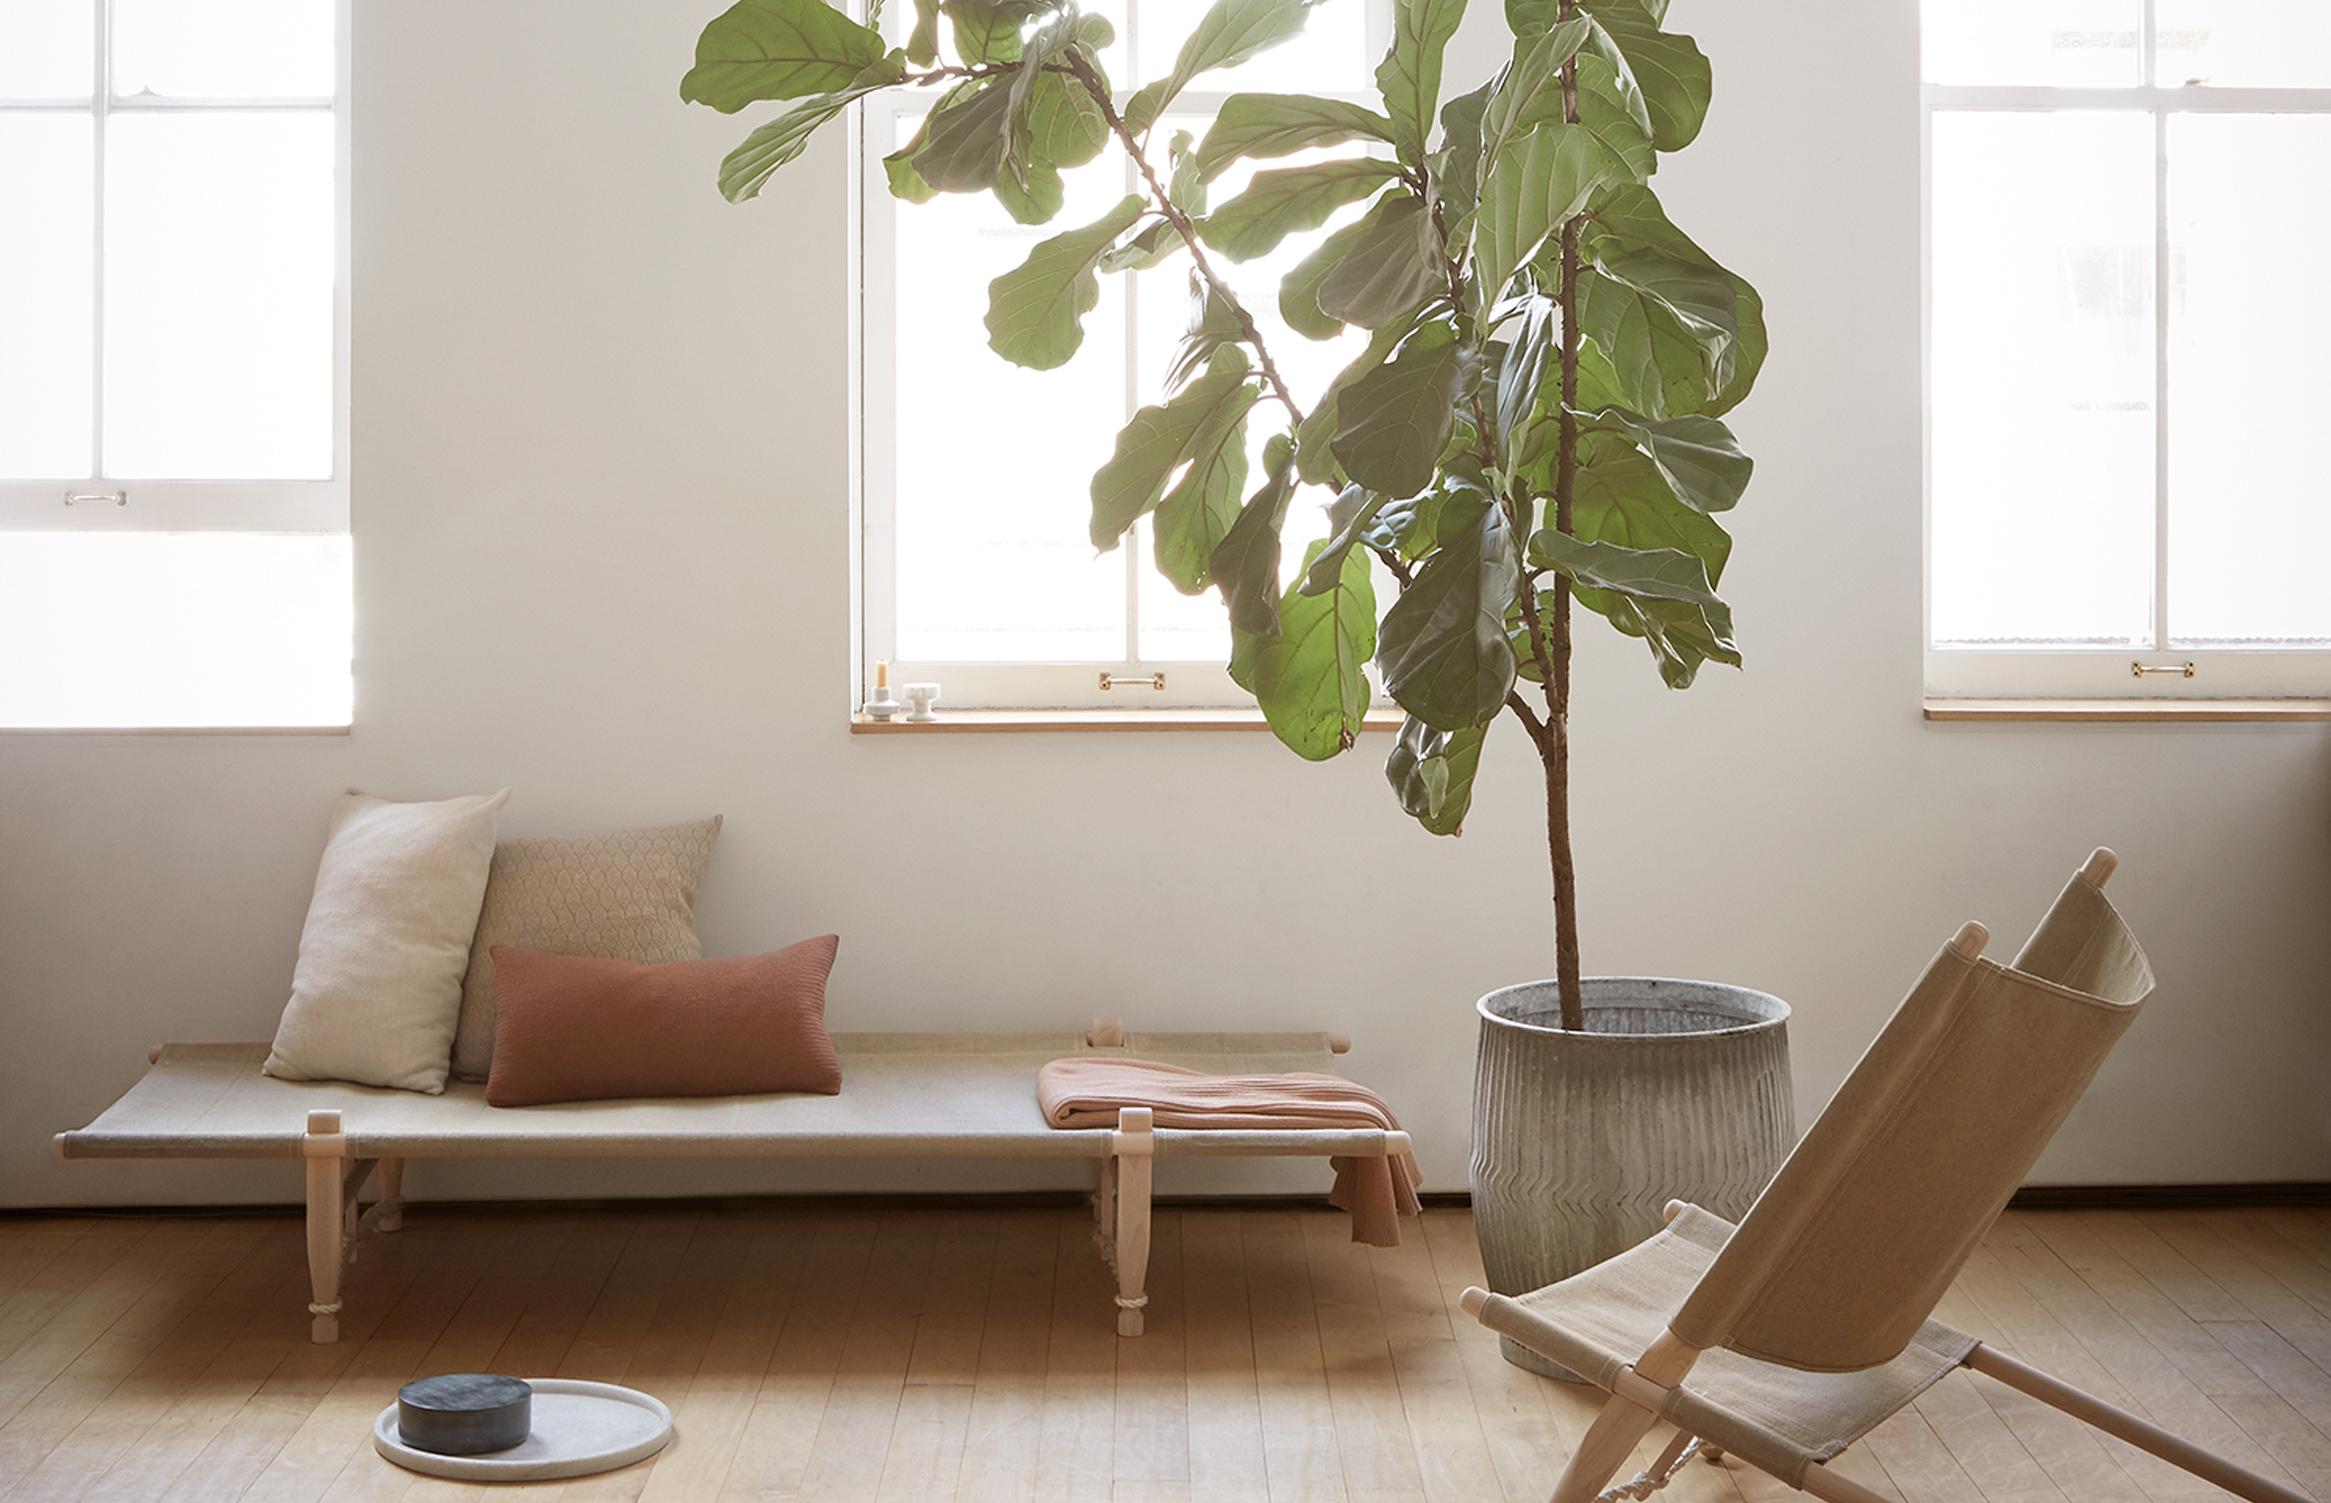 Dekoration til hjemmet - Find inspiration til bolig og dekoration her